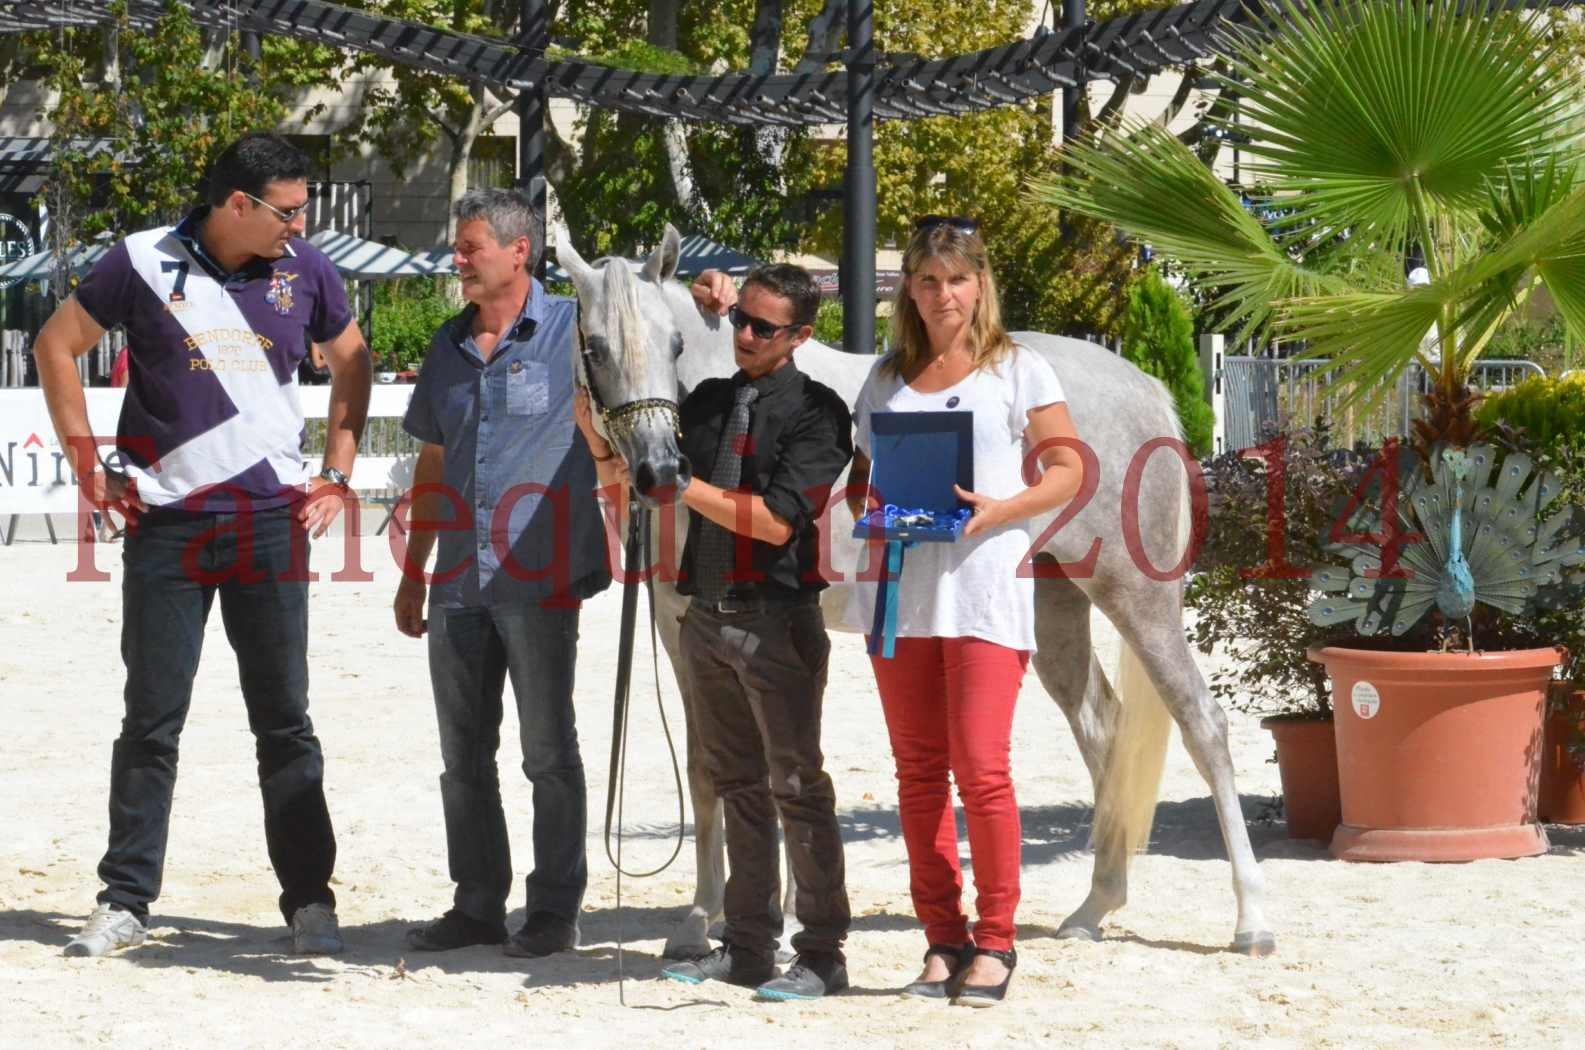 Concours national de Nîmes 2014 - Sélection  - VOLODIA DE LAFON - 34